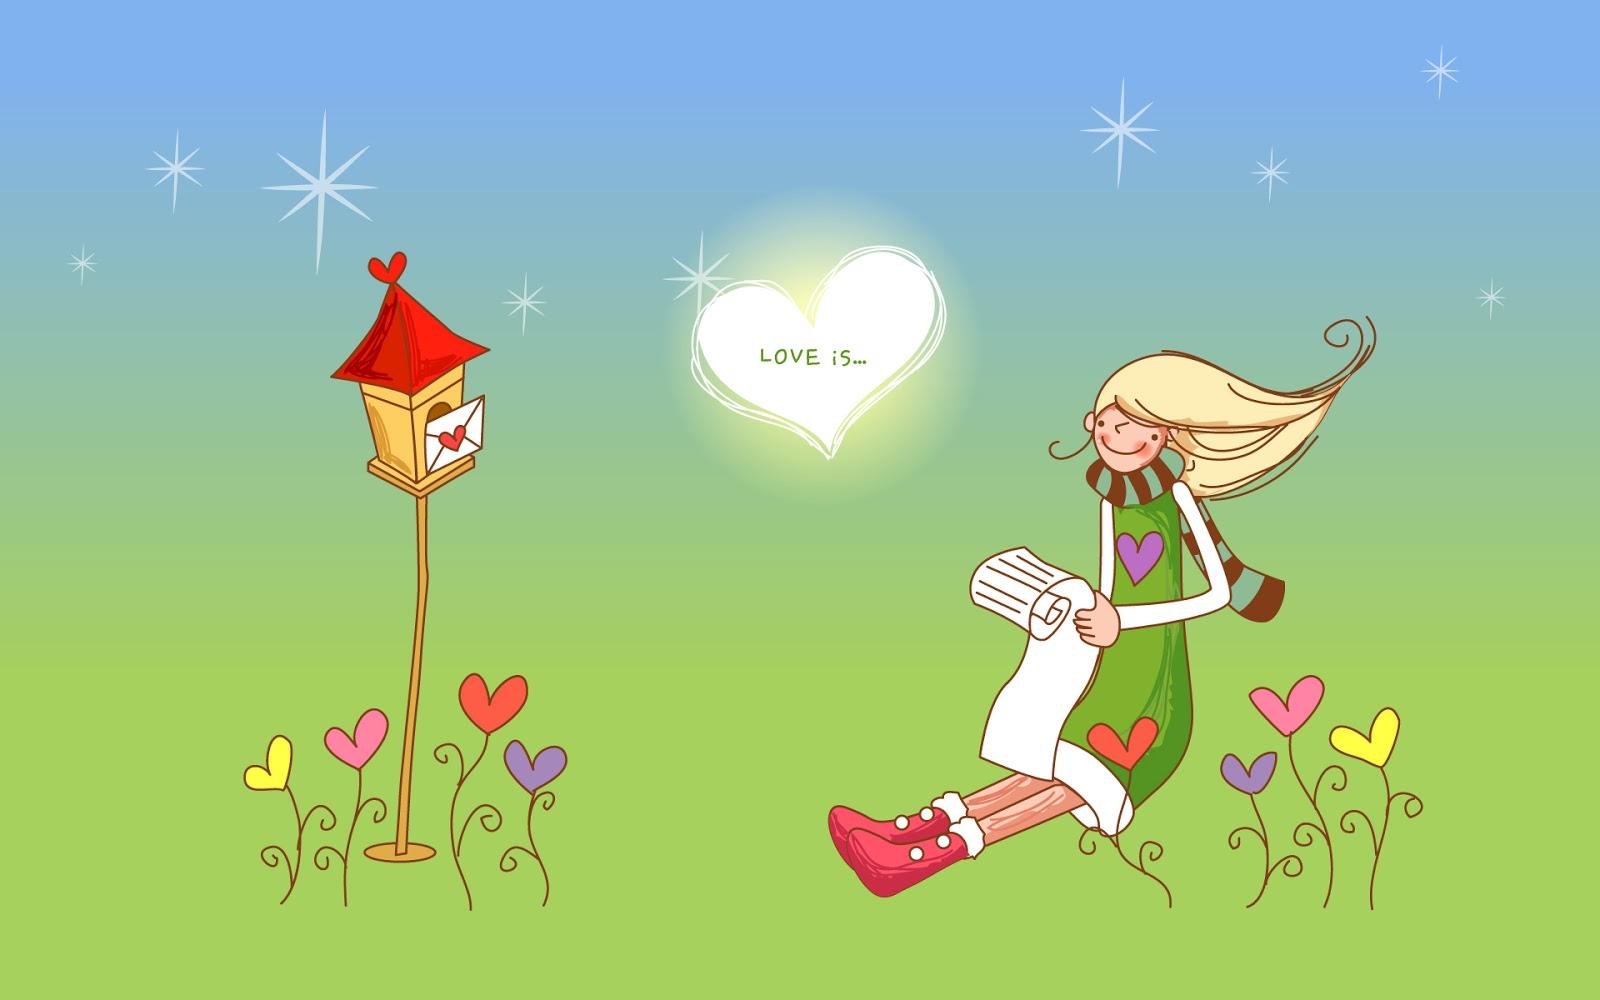 Fondos De Pantalla Animados De San Valentín: Fondos De Pantalla De Amor